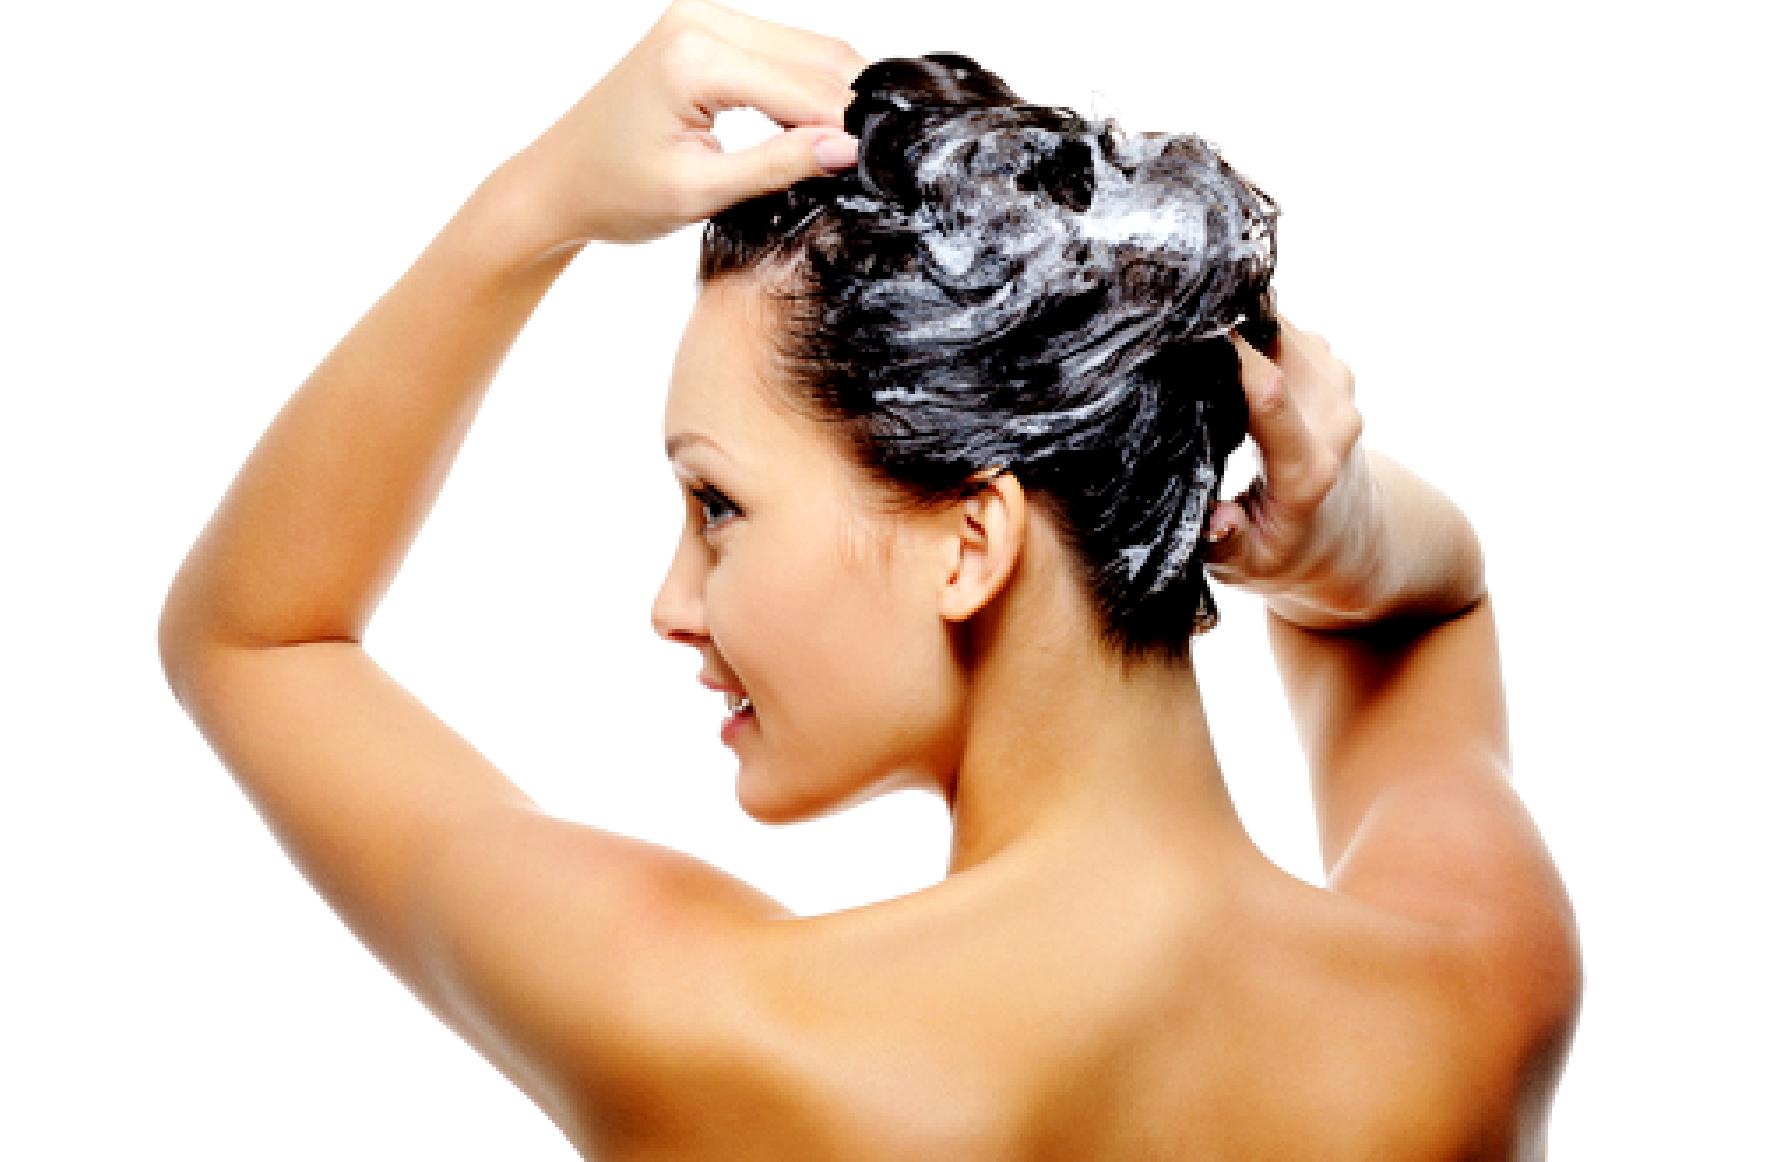 Чем помыть голову в домашних условиях если нет шампуня